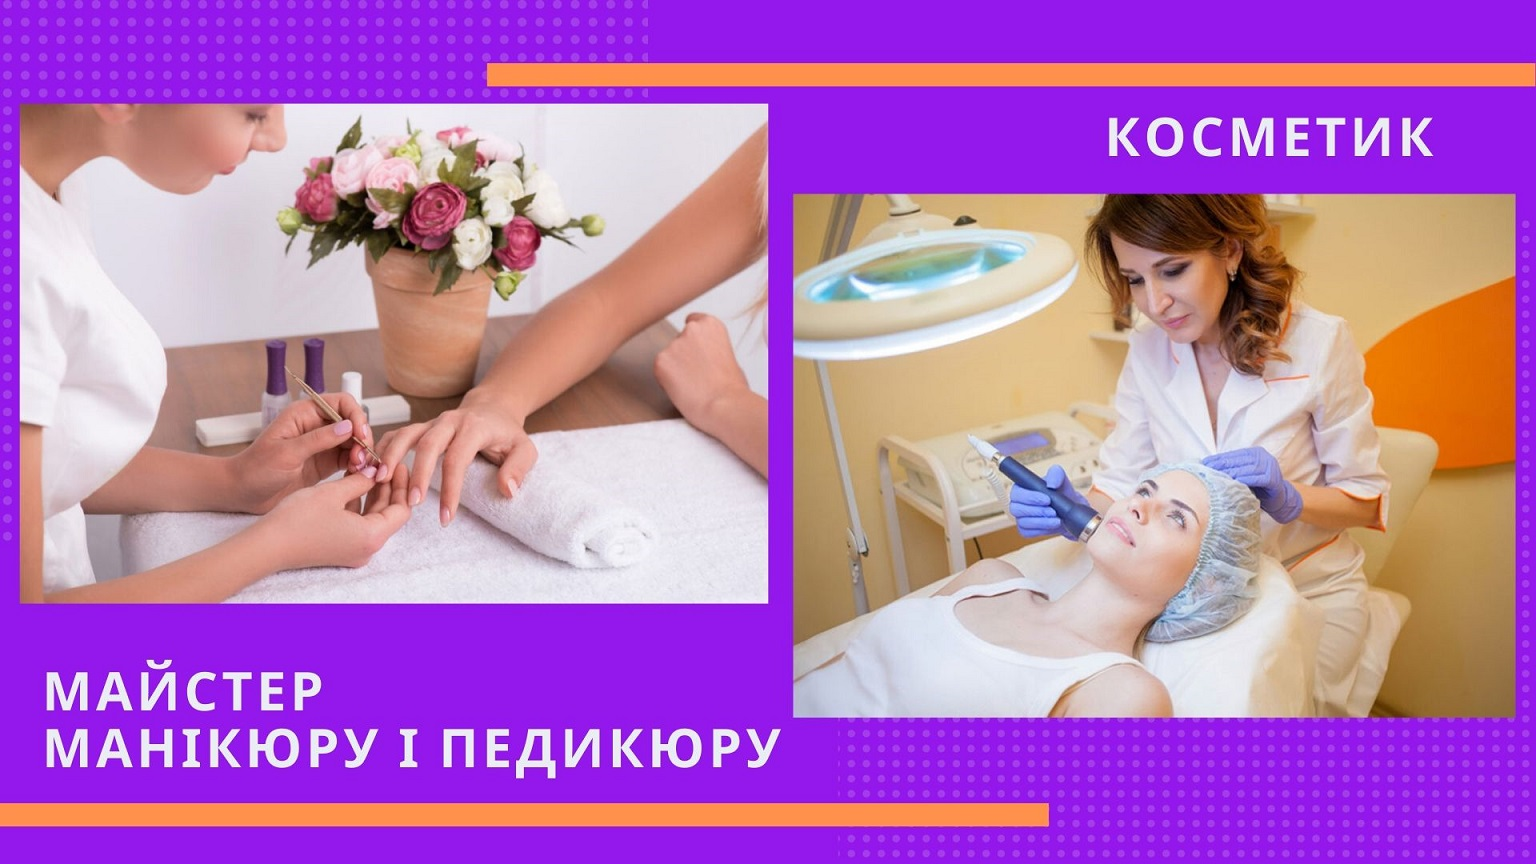 Манікюрник Профосвіта Полтавщини